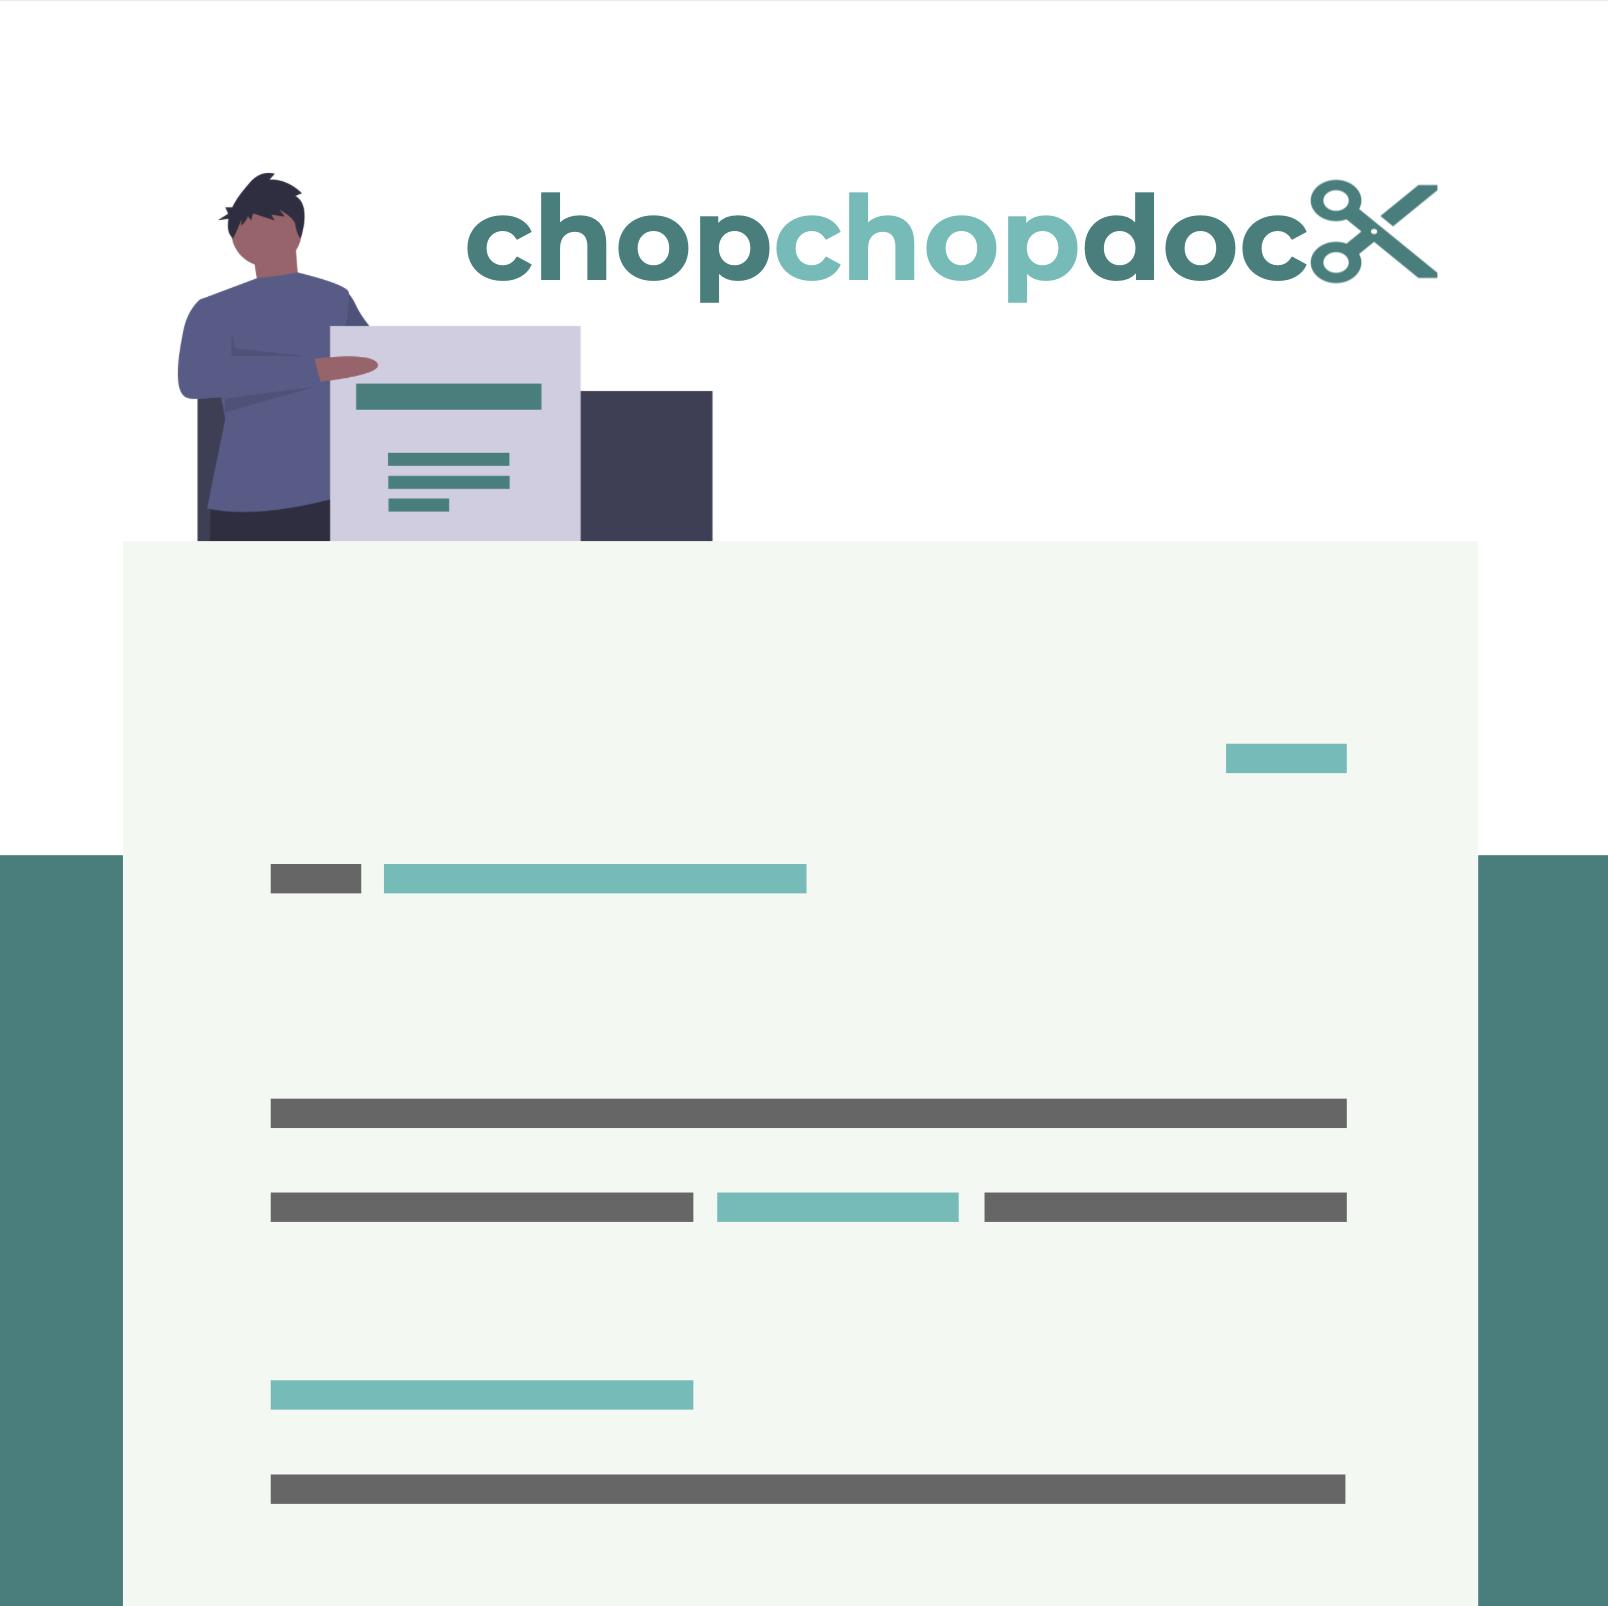 chop chop doc